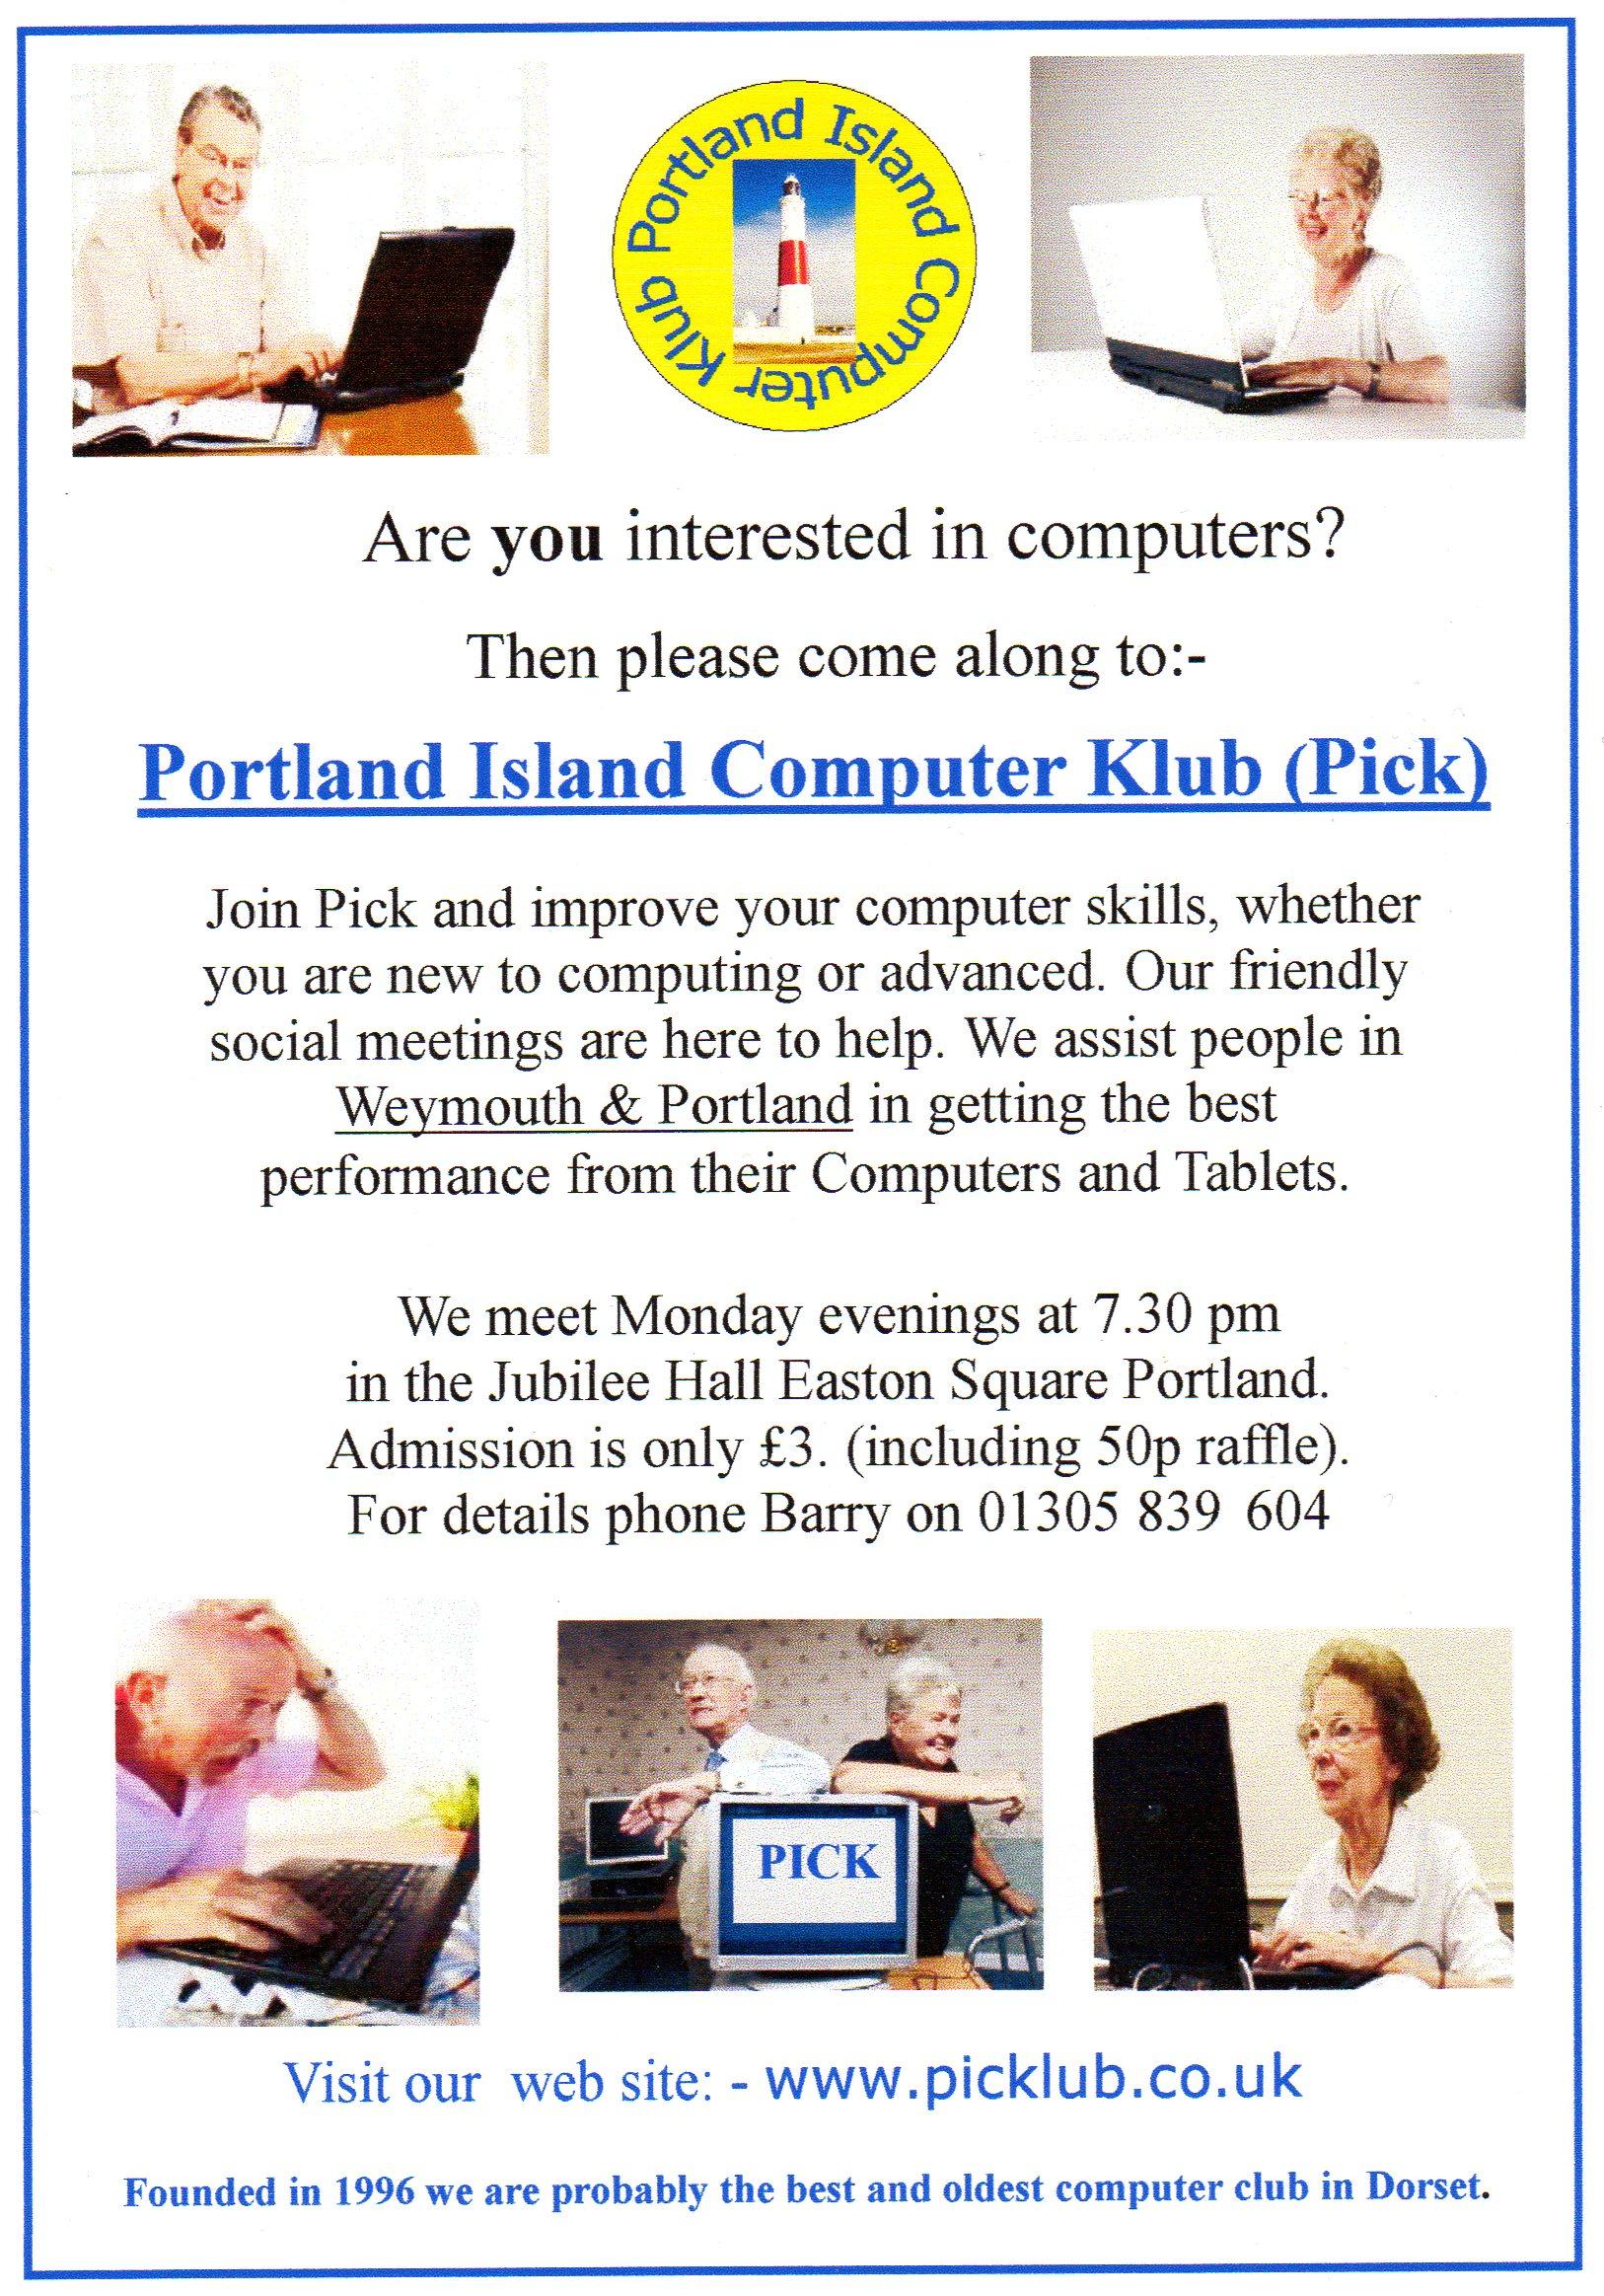 PORTLAND ISLAND COMPUTER CLUB